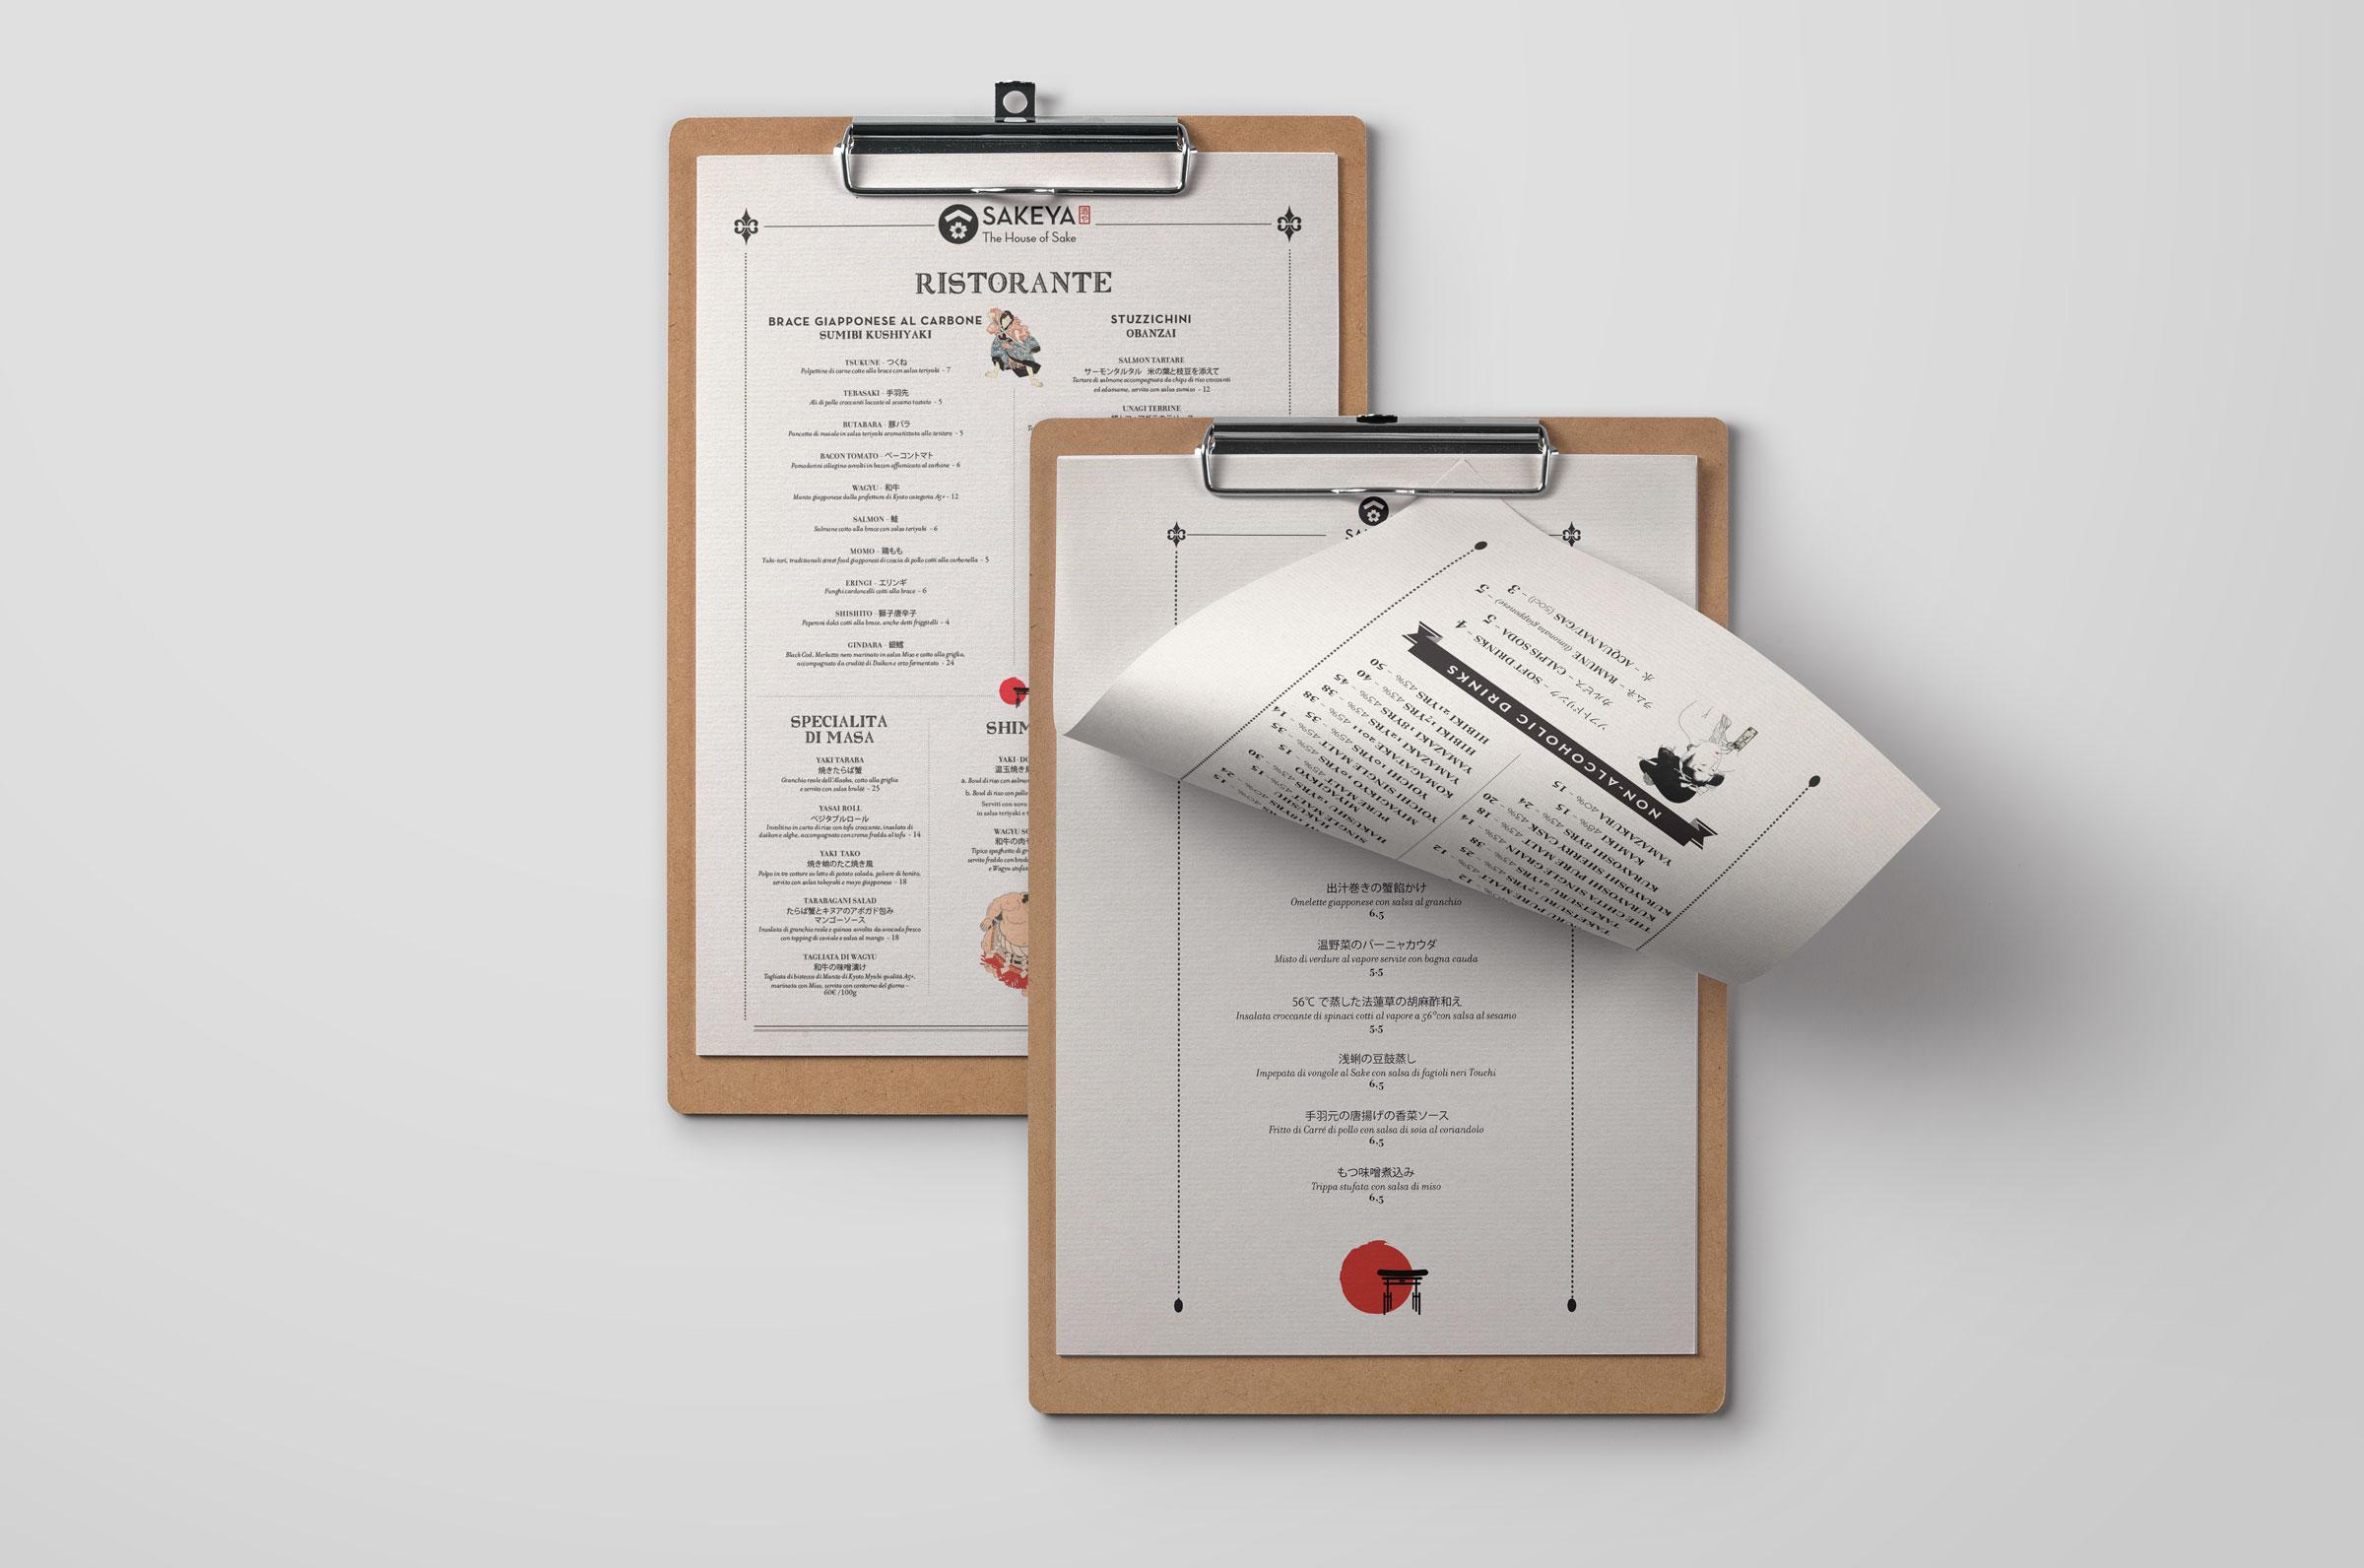 menù design, progettazione materiali corredo per ristoranti e bar